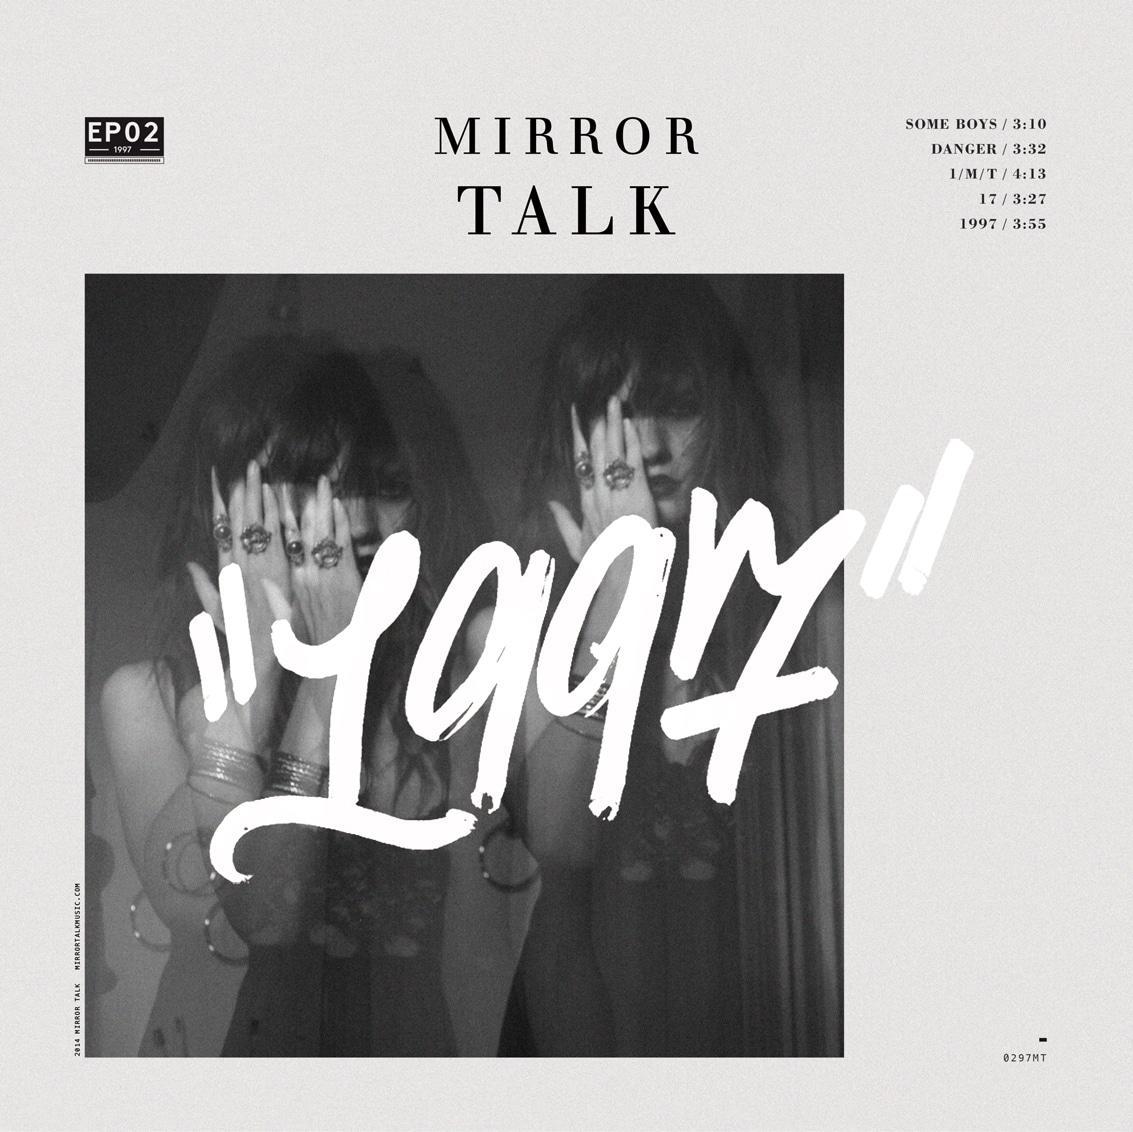 Mirror Talk - 1997